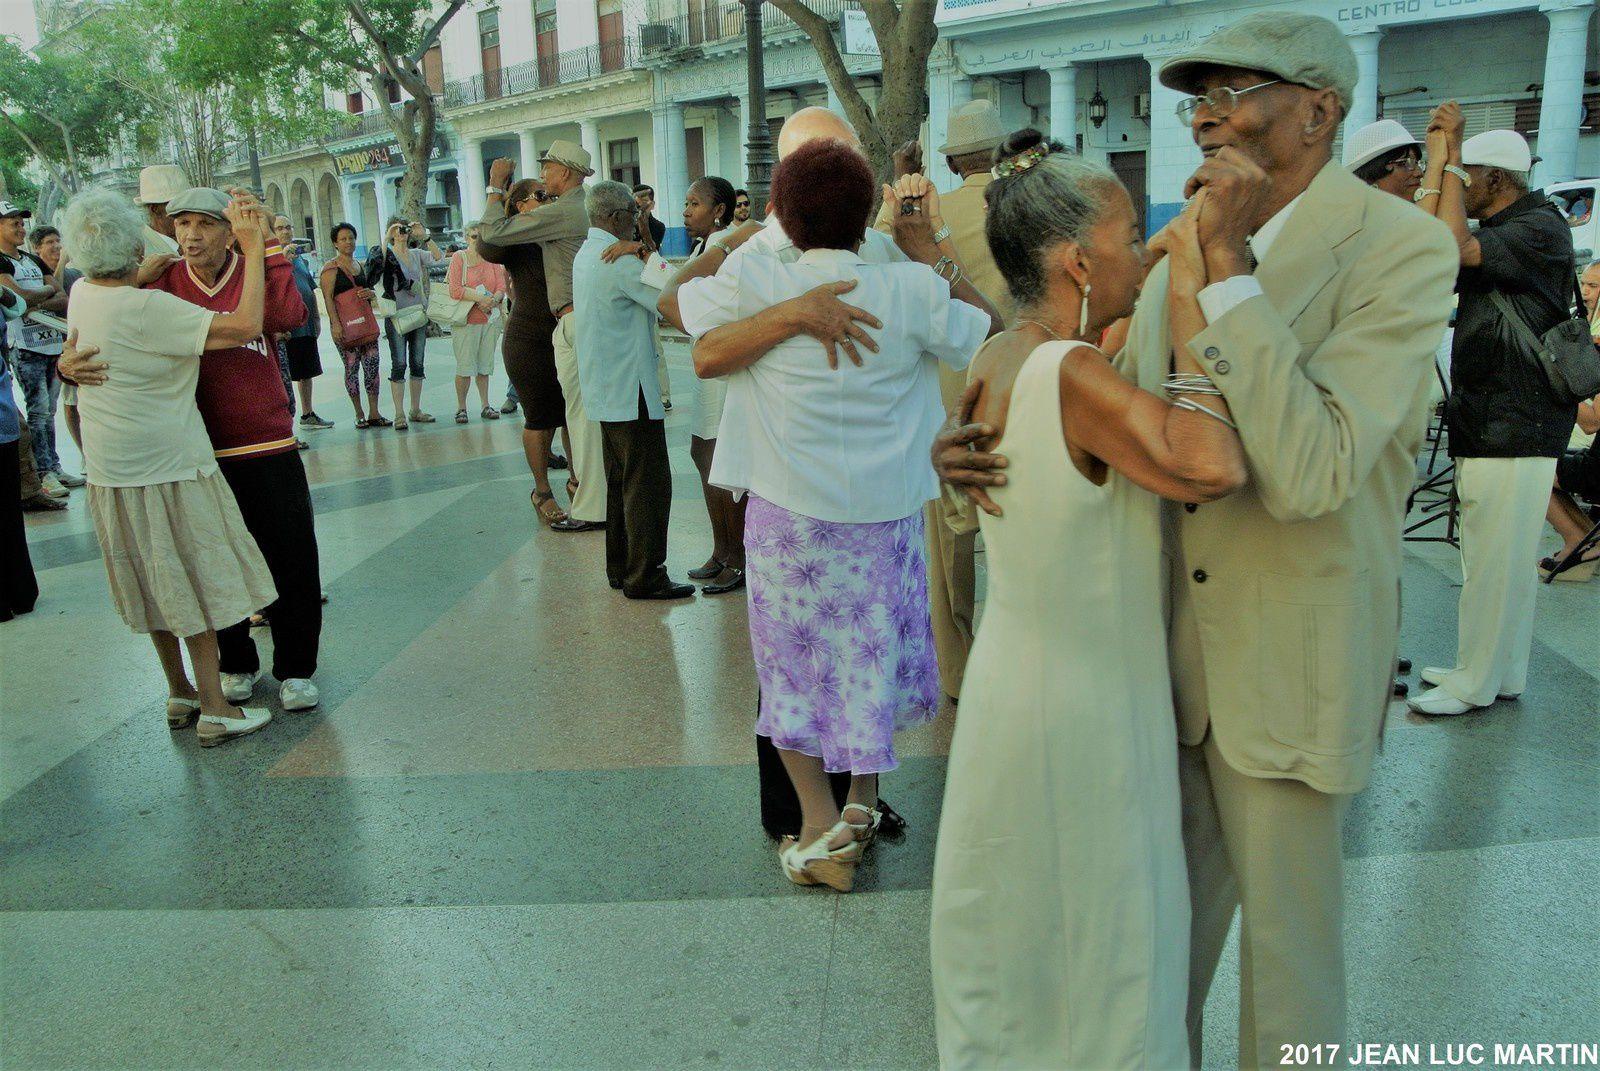 PIQUETE TIPIC CUBANO ET SES DANSEURS A LA HAVANE LE 16/02/207